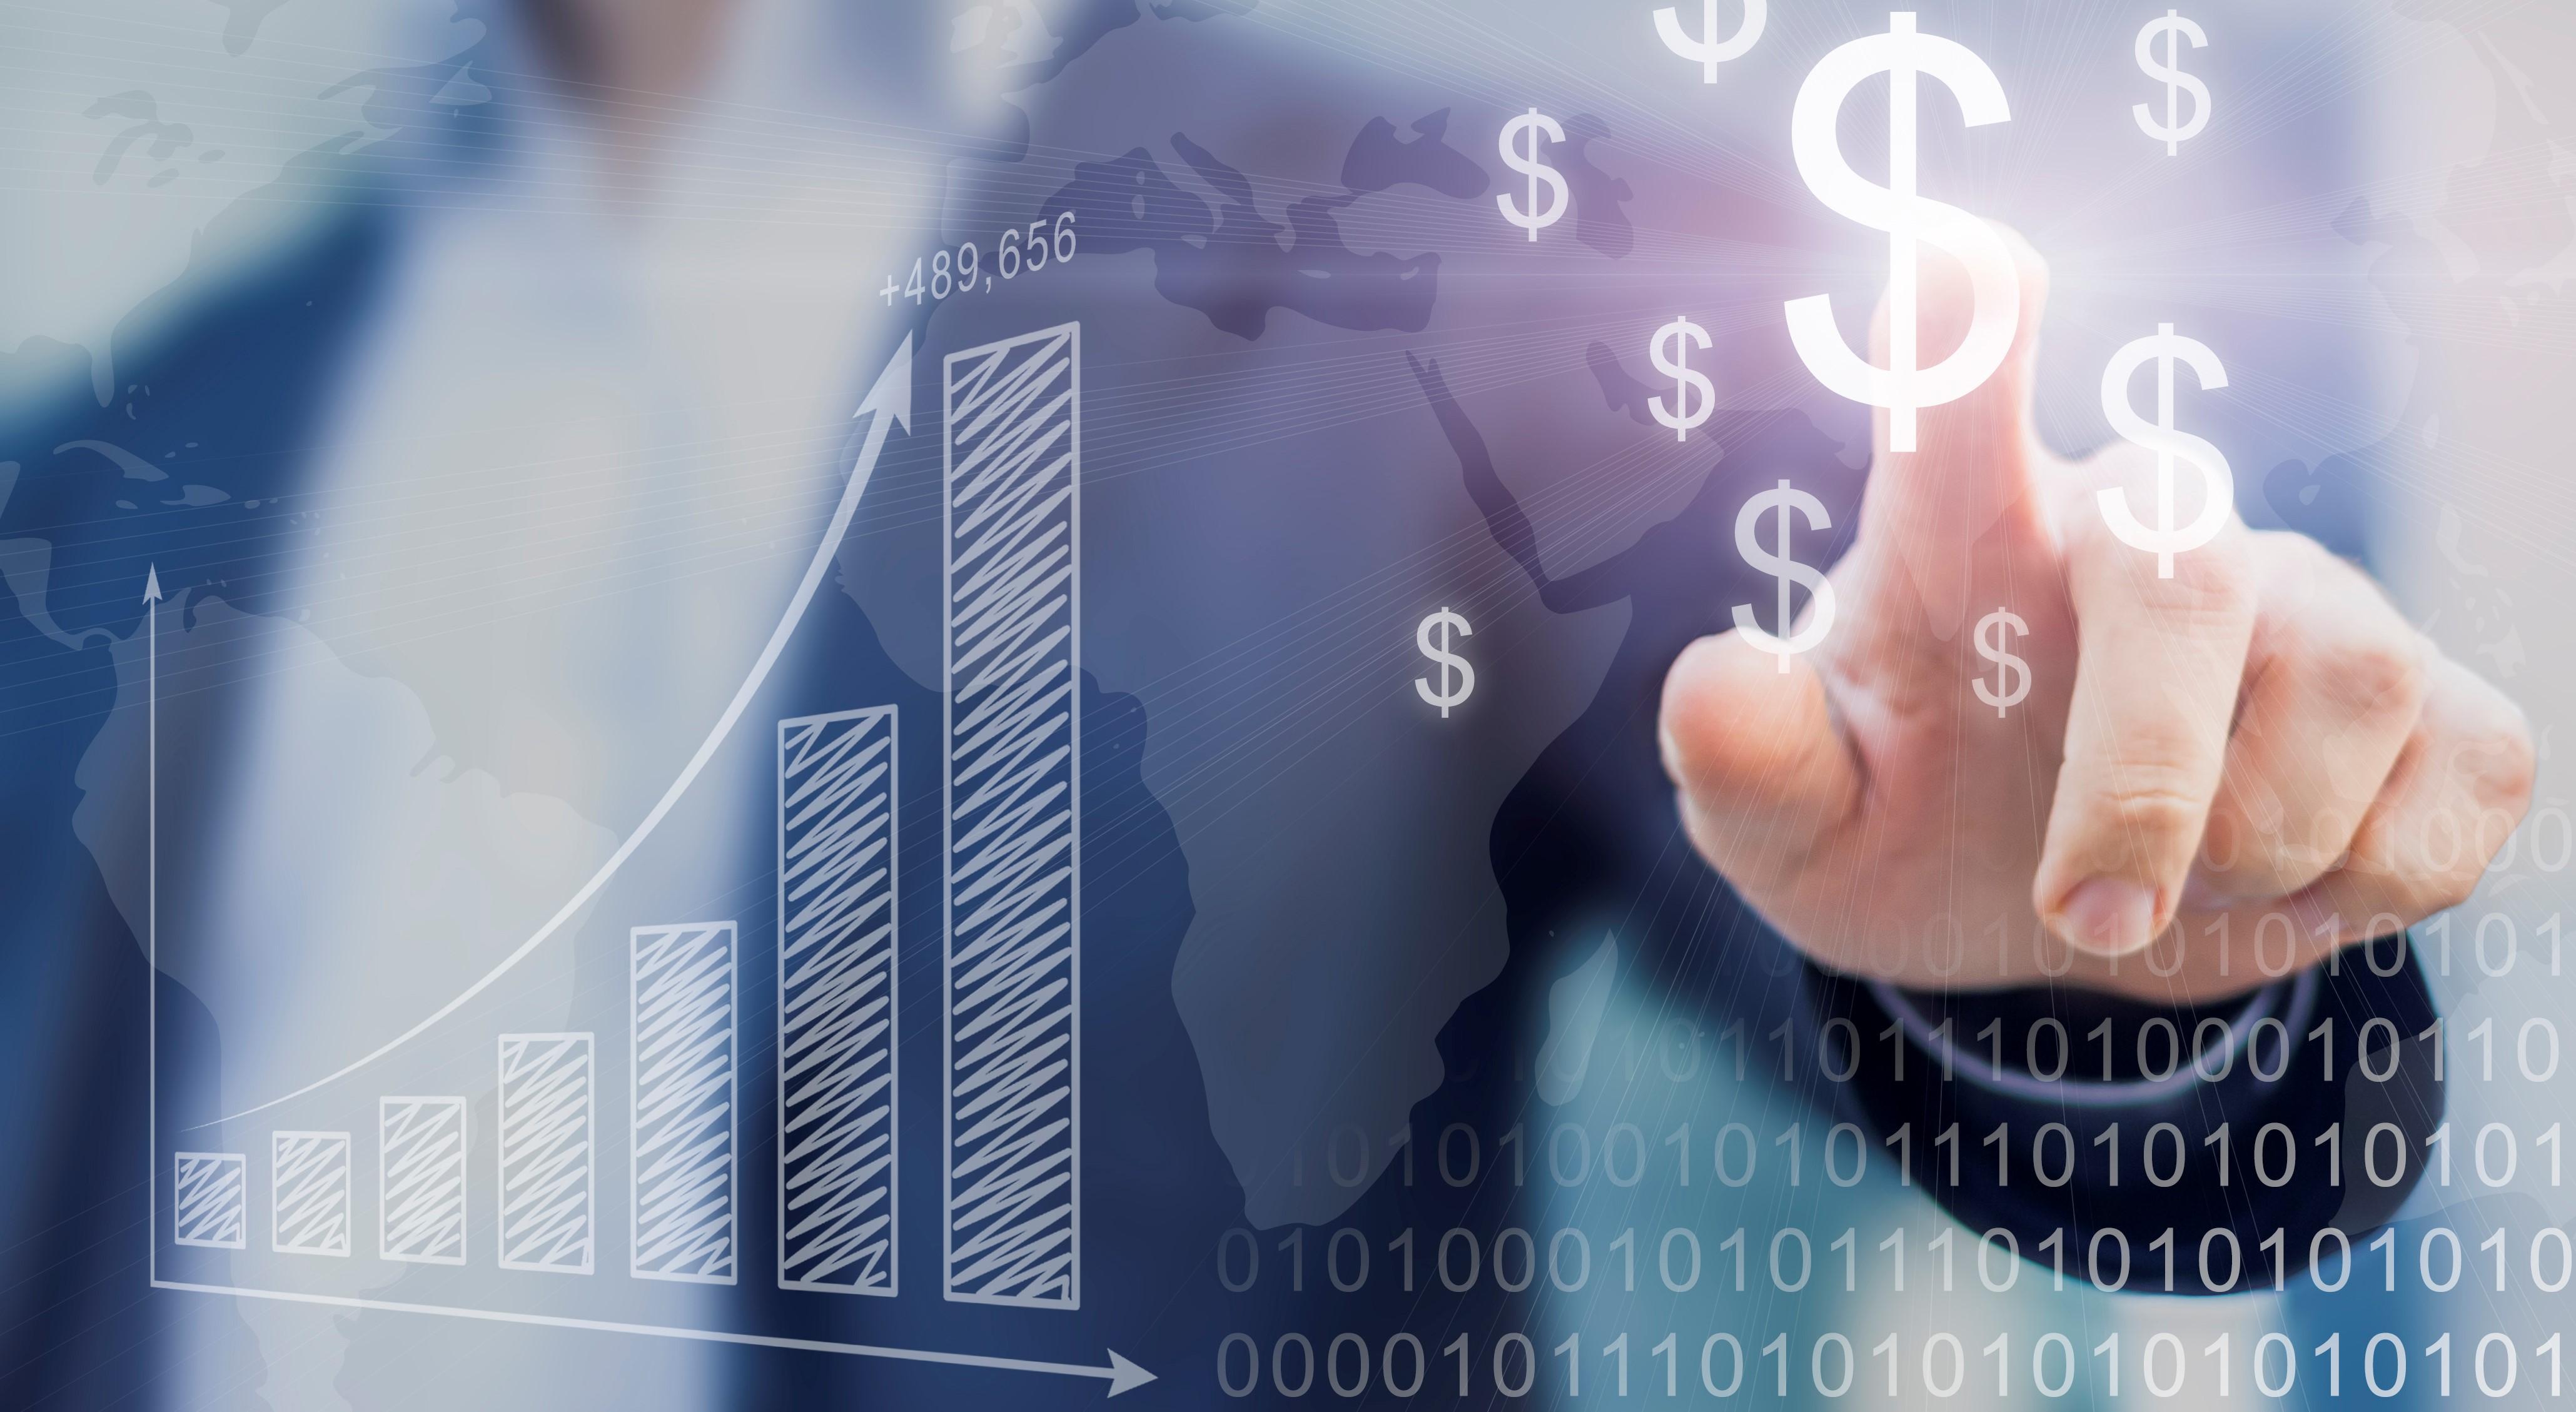 Con el dólar contenido, los bancos bajan las tasas de los plazos fijos | Garantia Plus